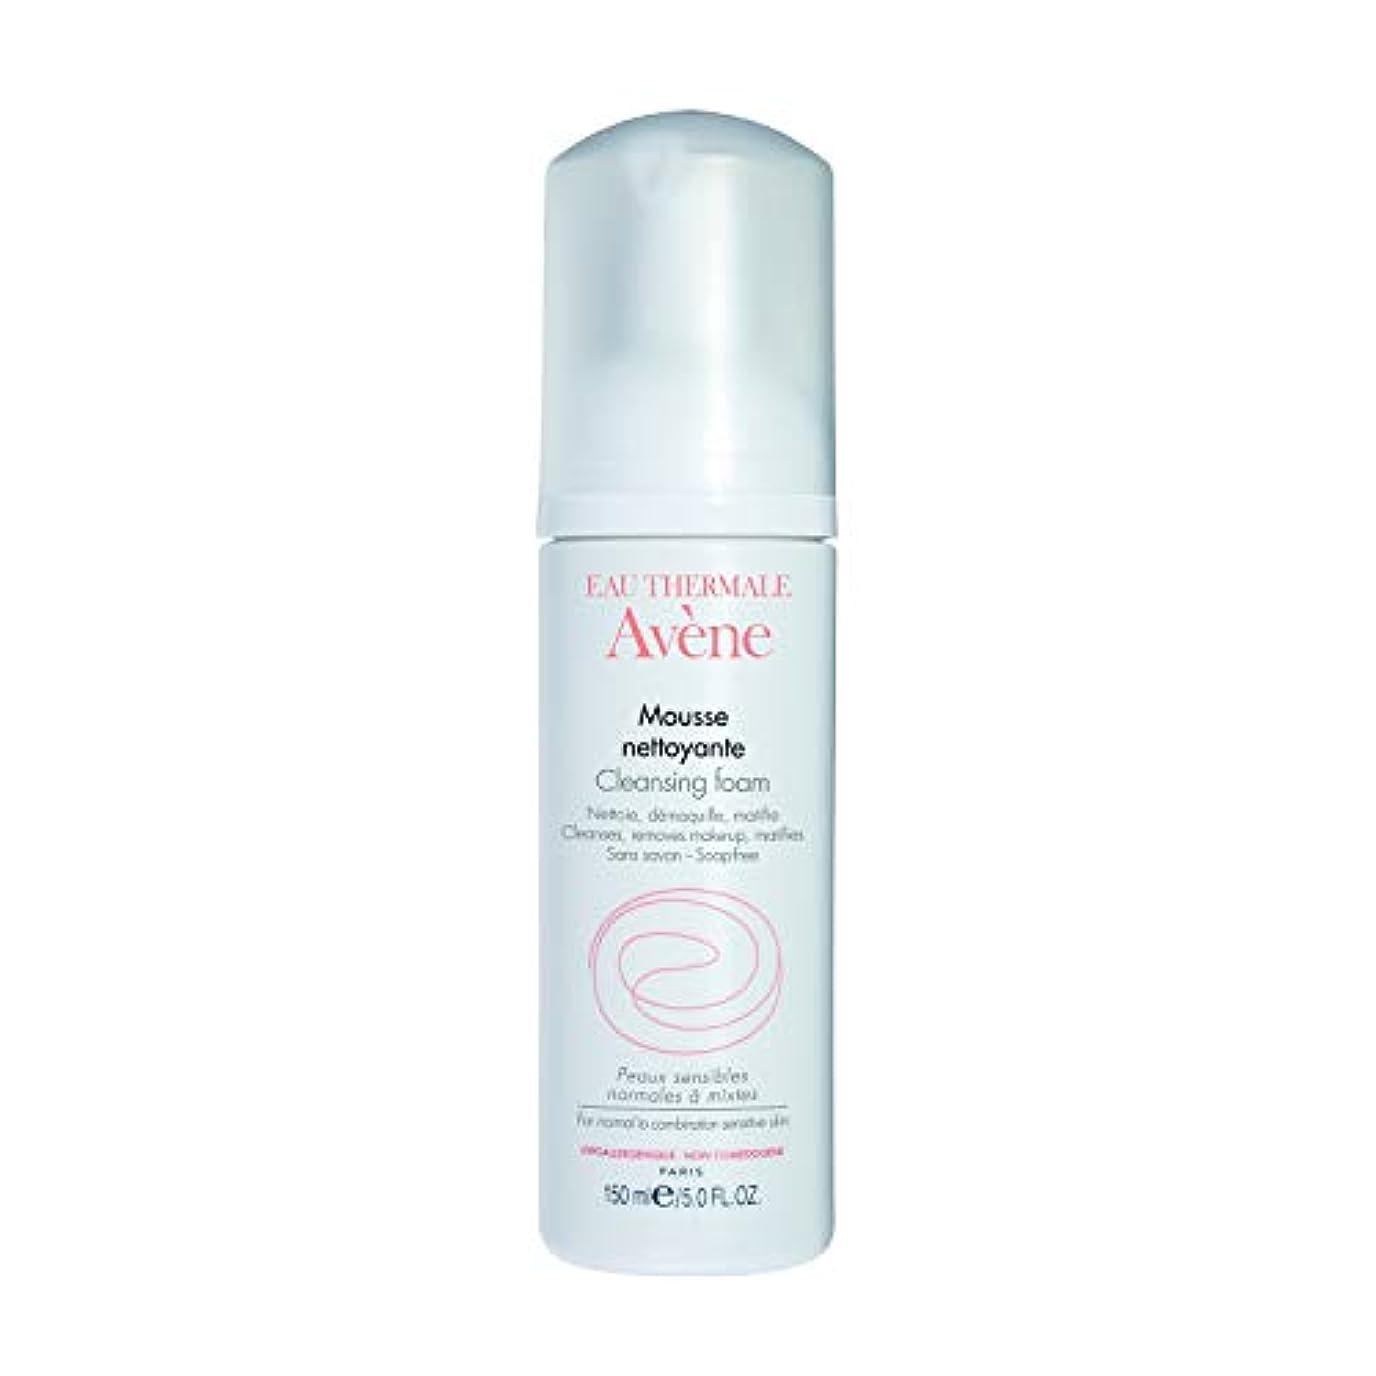 アベンヌ Cleansing Foam - For Normal to Combination Sensitive Skin 150ml/5oz並行輸入品